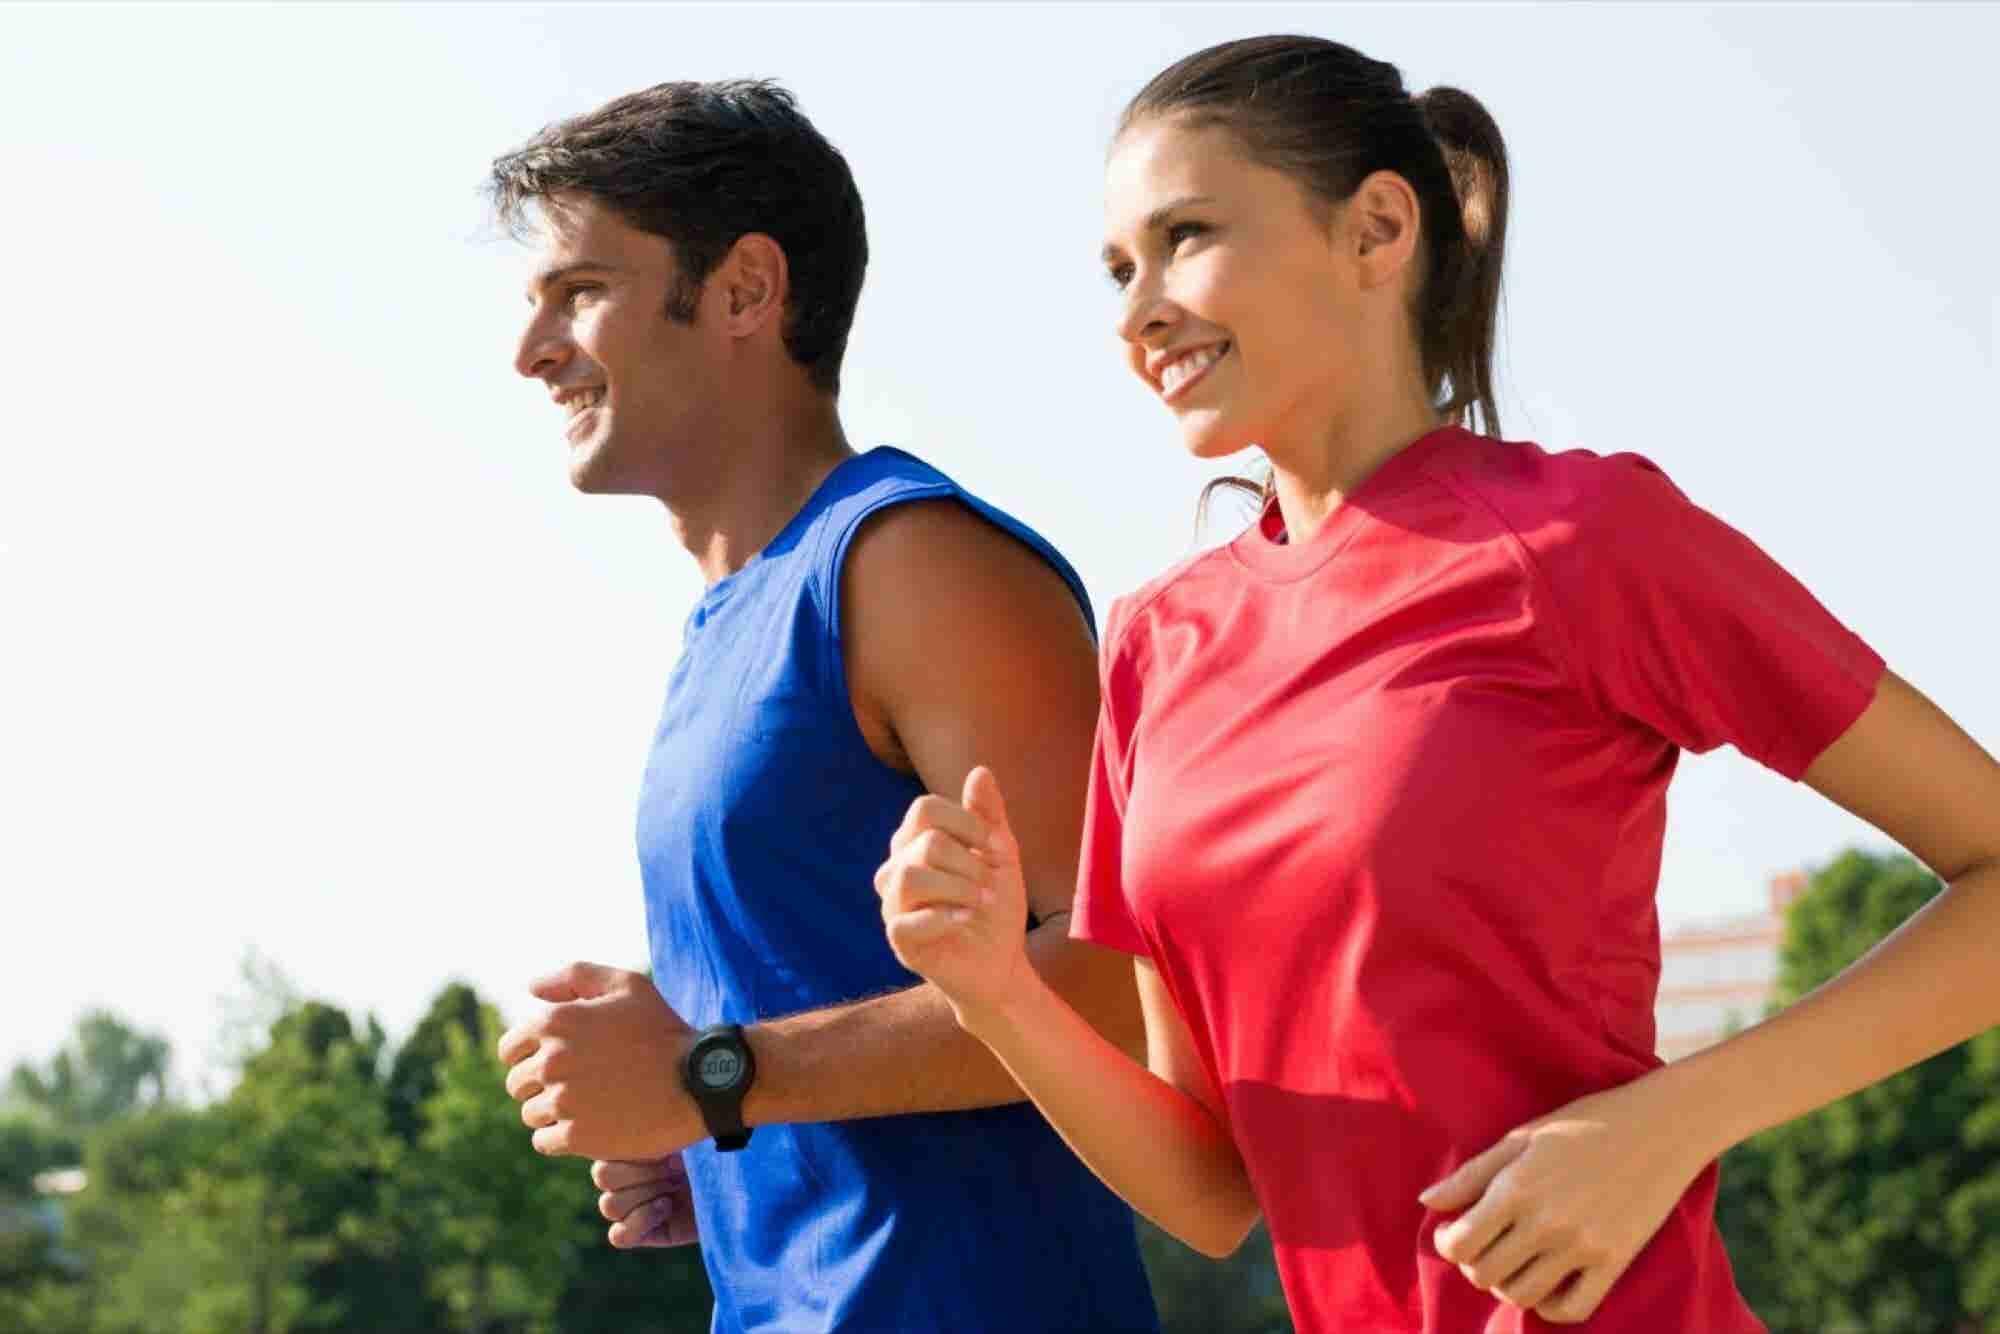 ¿Quieres convertirte en un buen corredor?, este hábito te lo permitirá